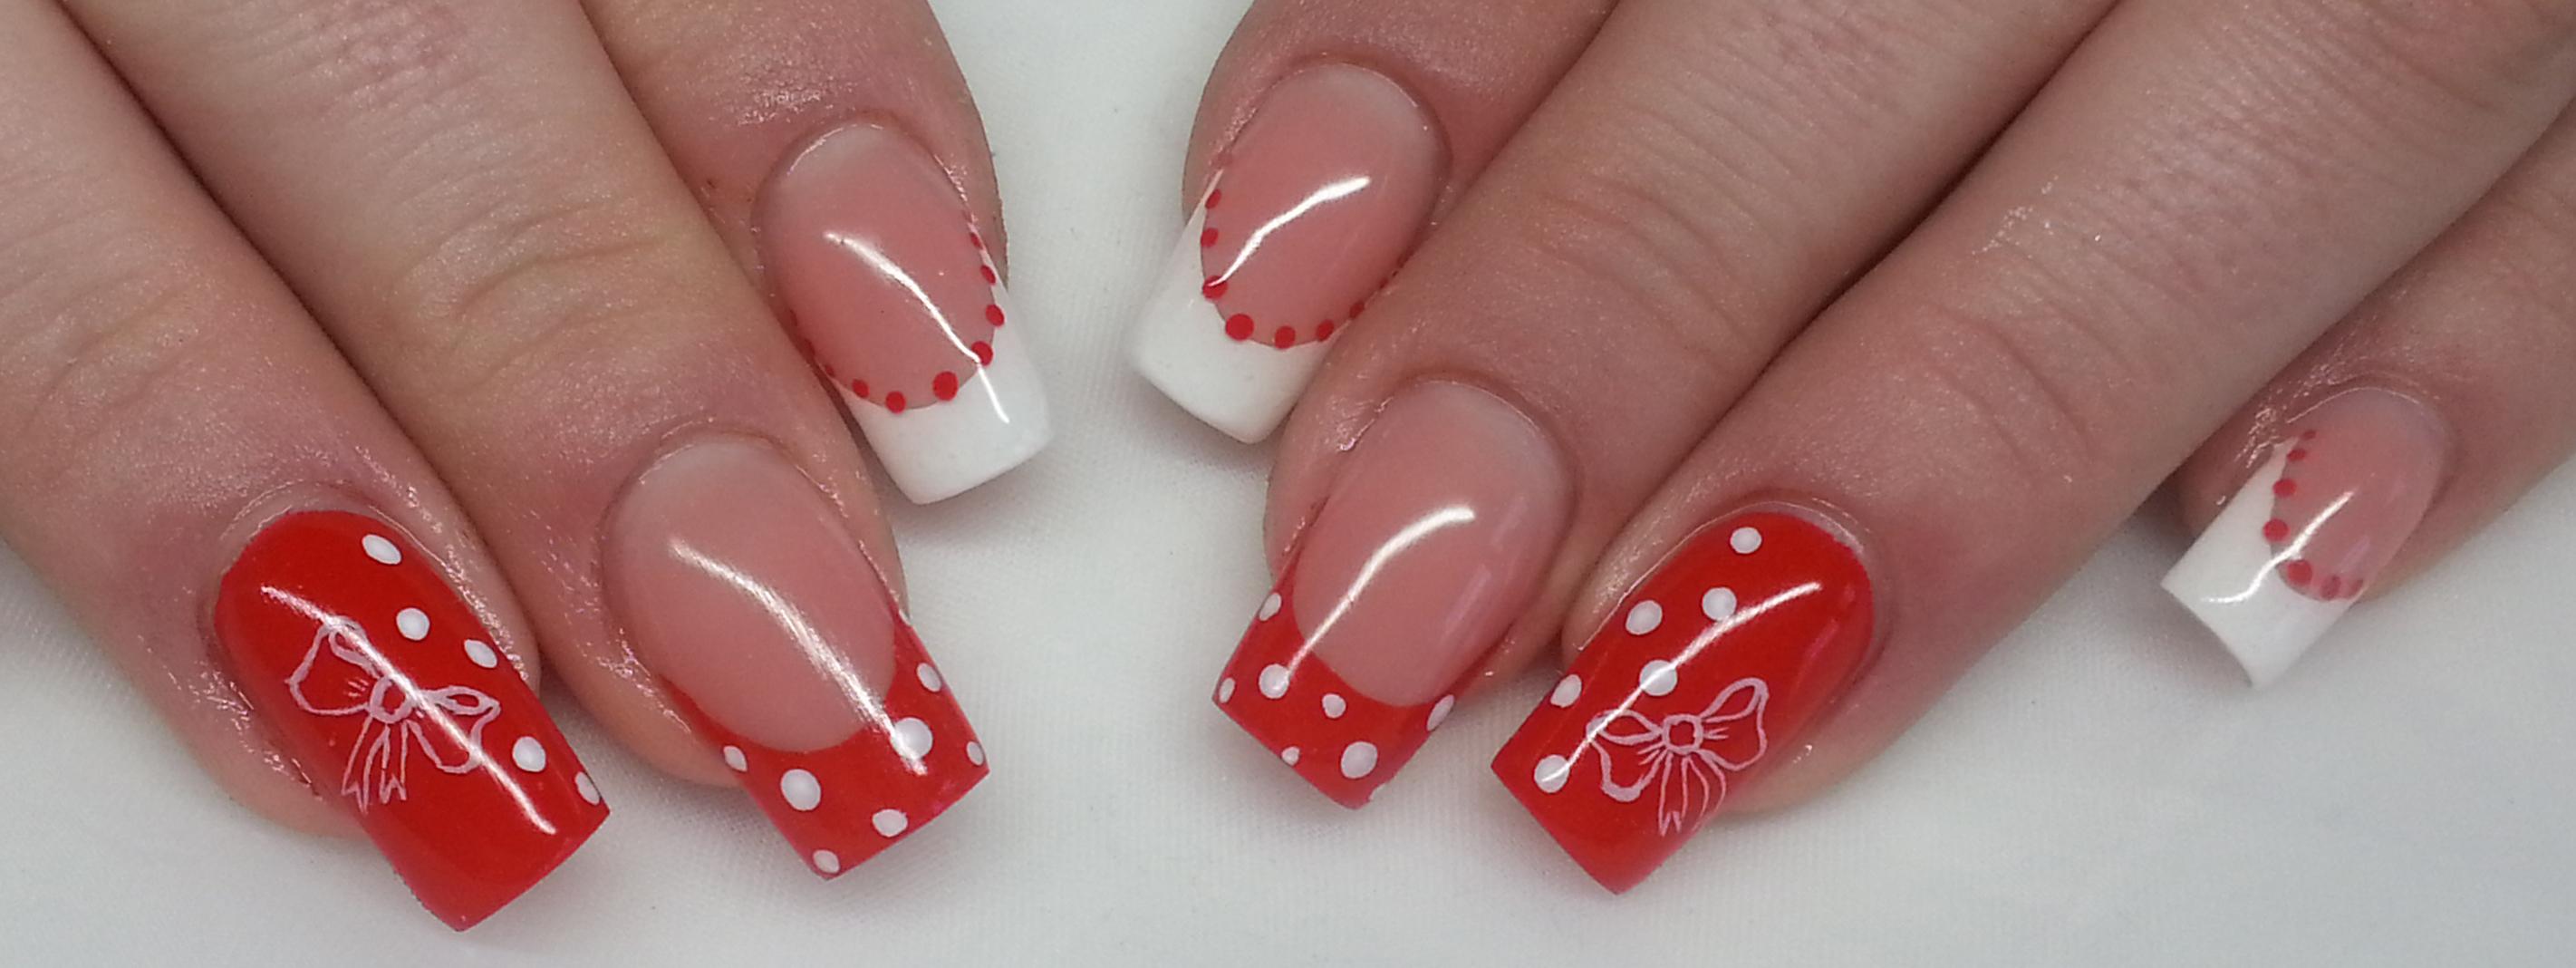 Rockabilly Red Loop – Die weiße Schleife auf den roten Nägeln – eine Anleitung von Janette Homburg